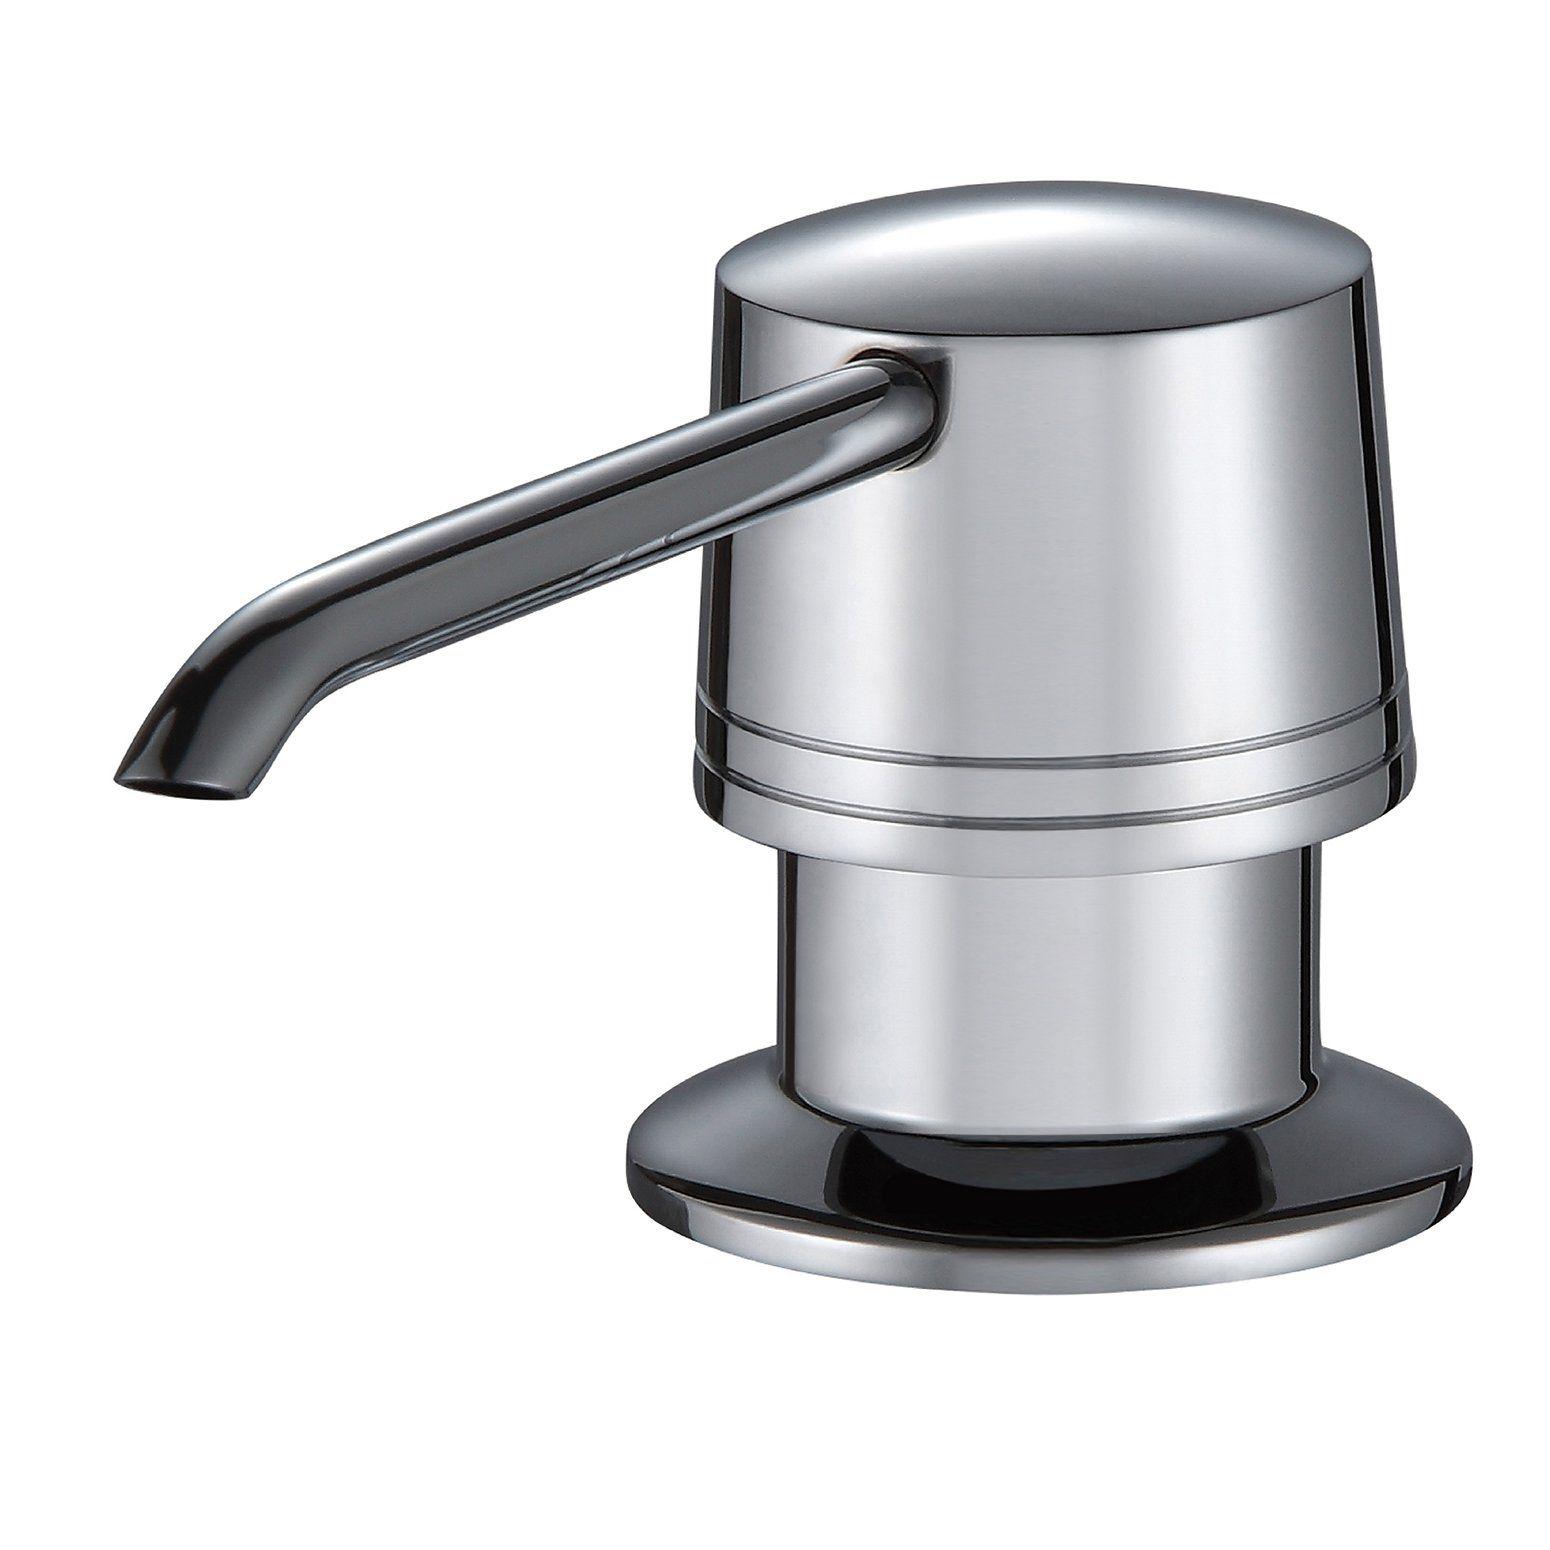 Stainless Steel Soap Dispenser For Kitchen Sink Kitchen sink soap dispenser the shape stainless steel clean after kitchen sink soap dispenser the shape stainless steel clean after brushing workwithnaturefo